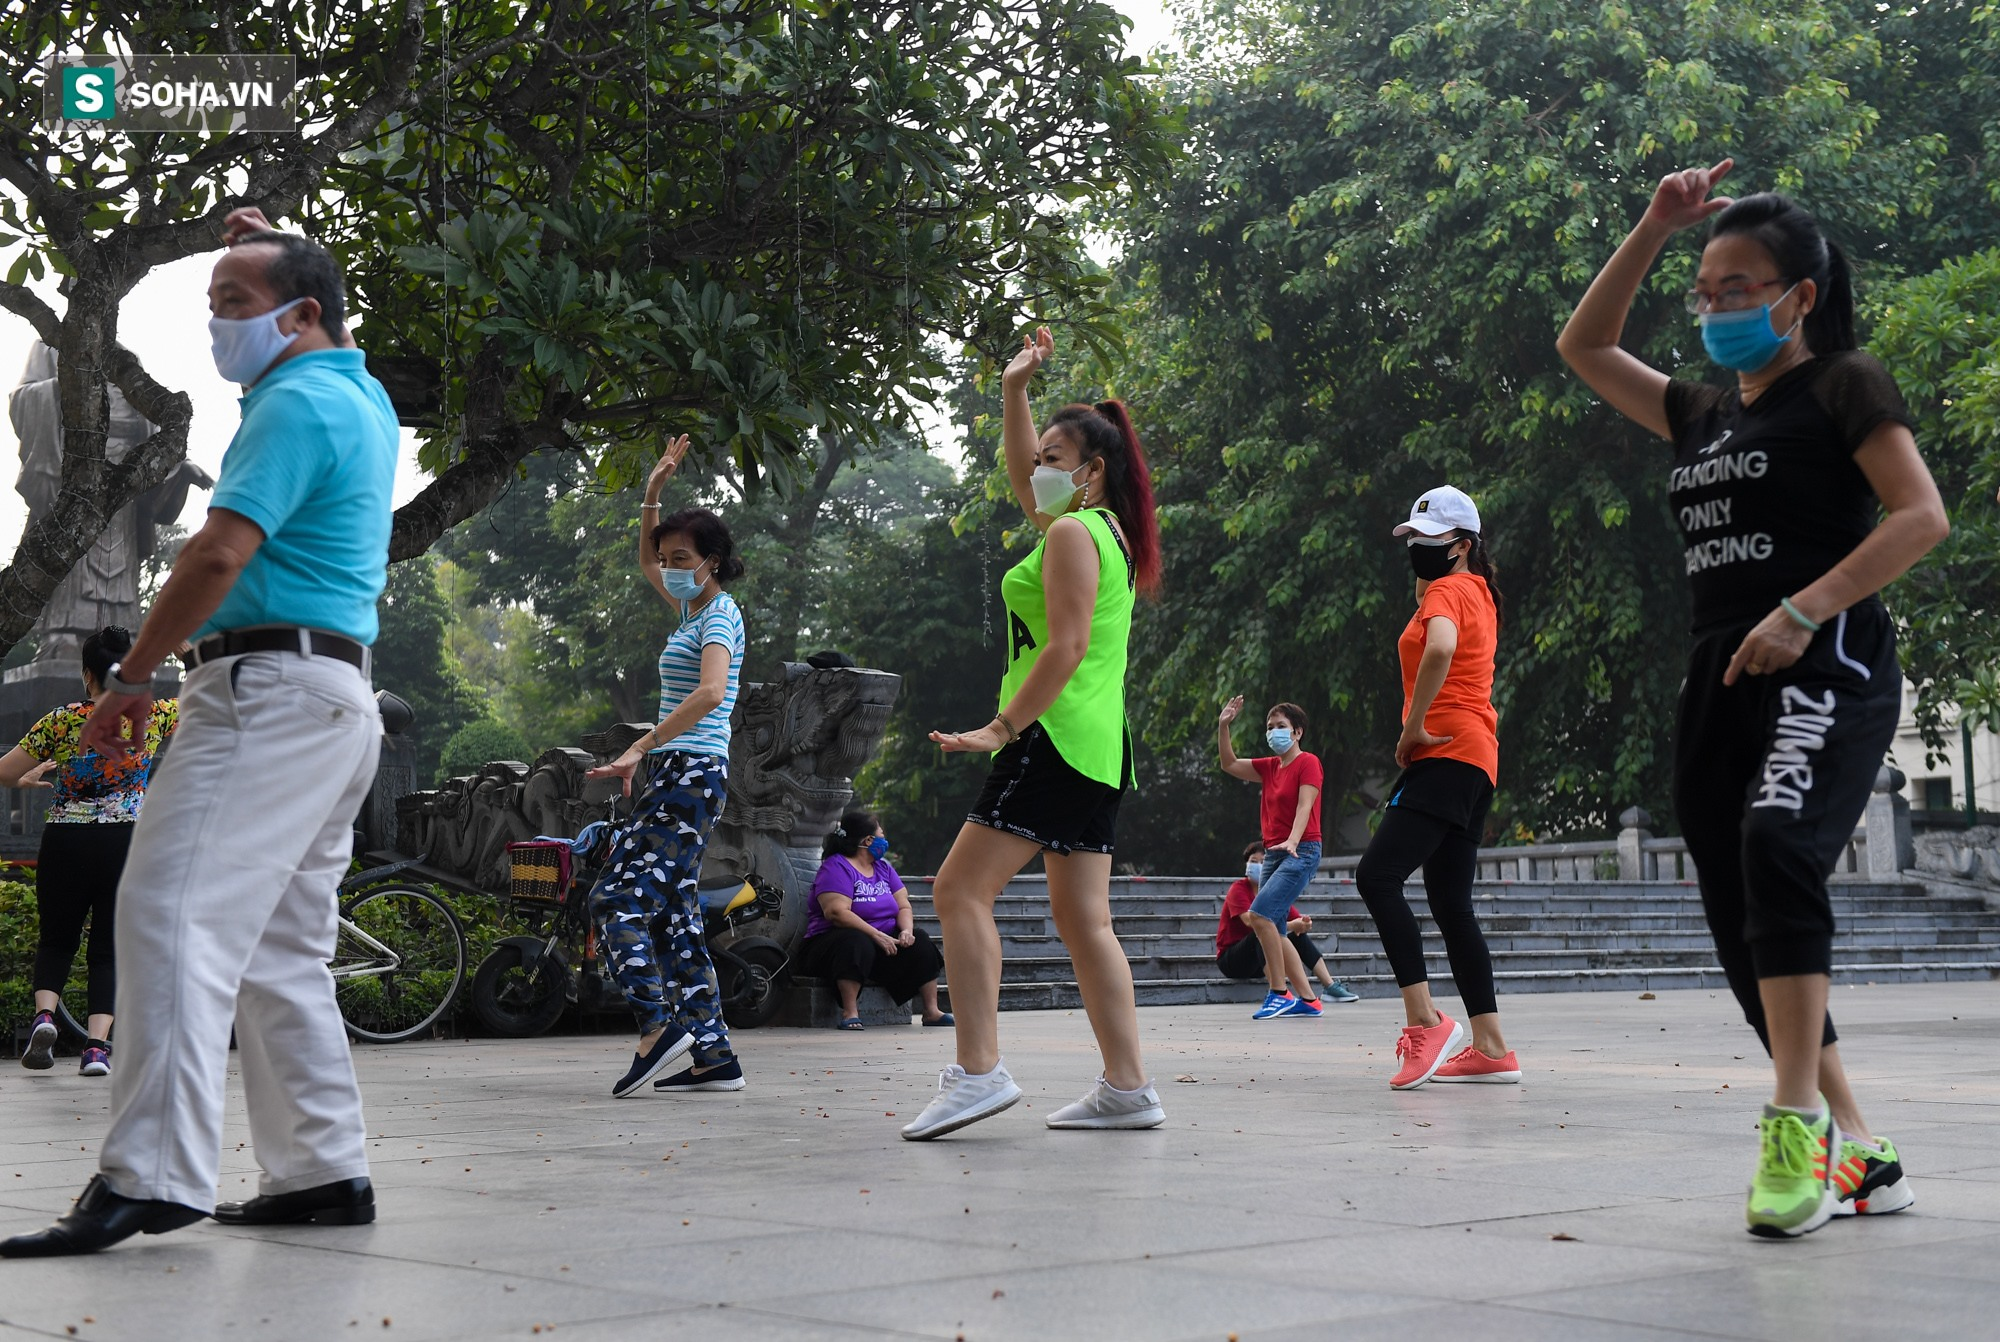 Người dân Hà Nội nô nức đổ ra đường tập thể dục - Ảnh 3.